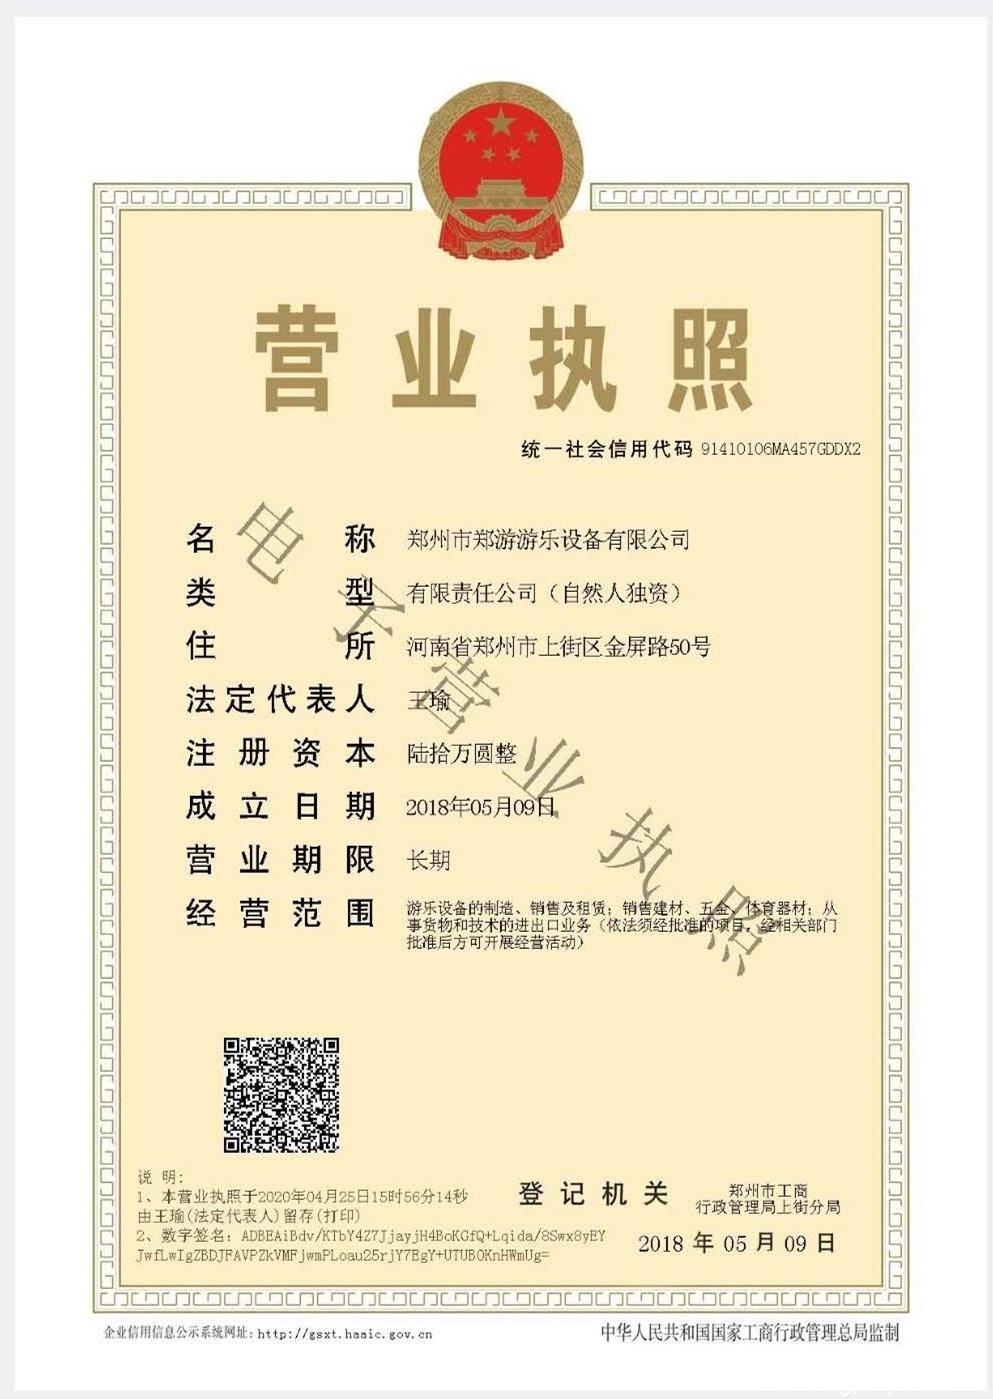 公司电子营业执照